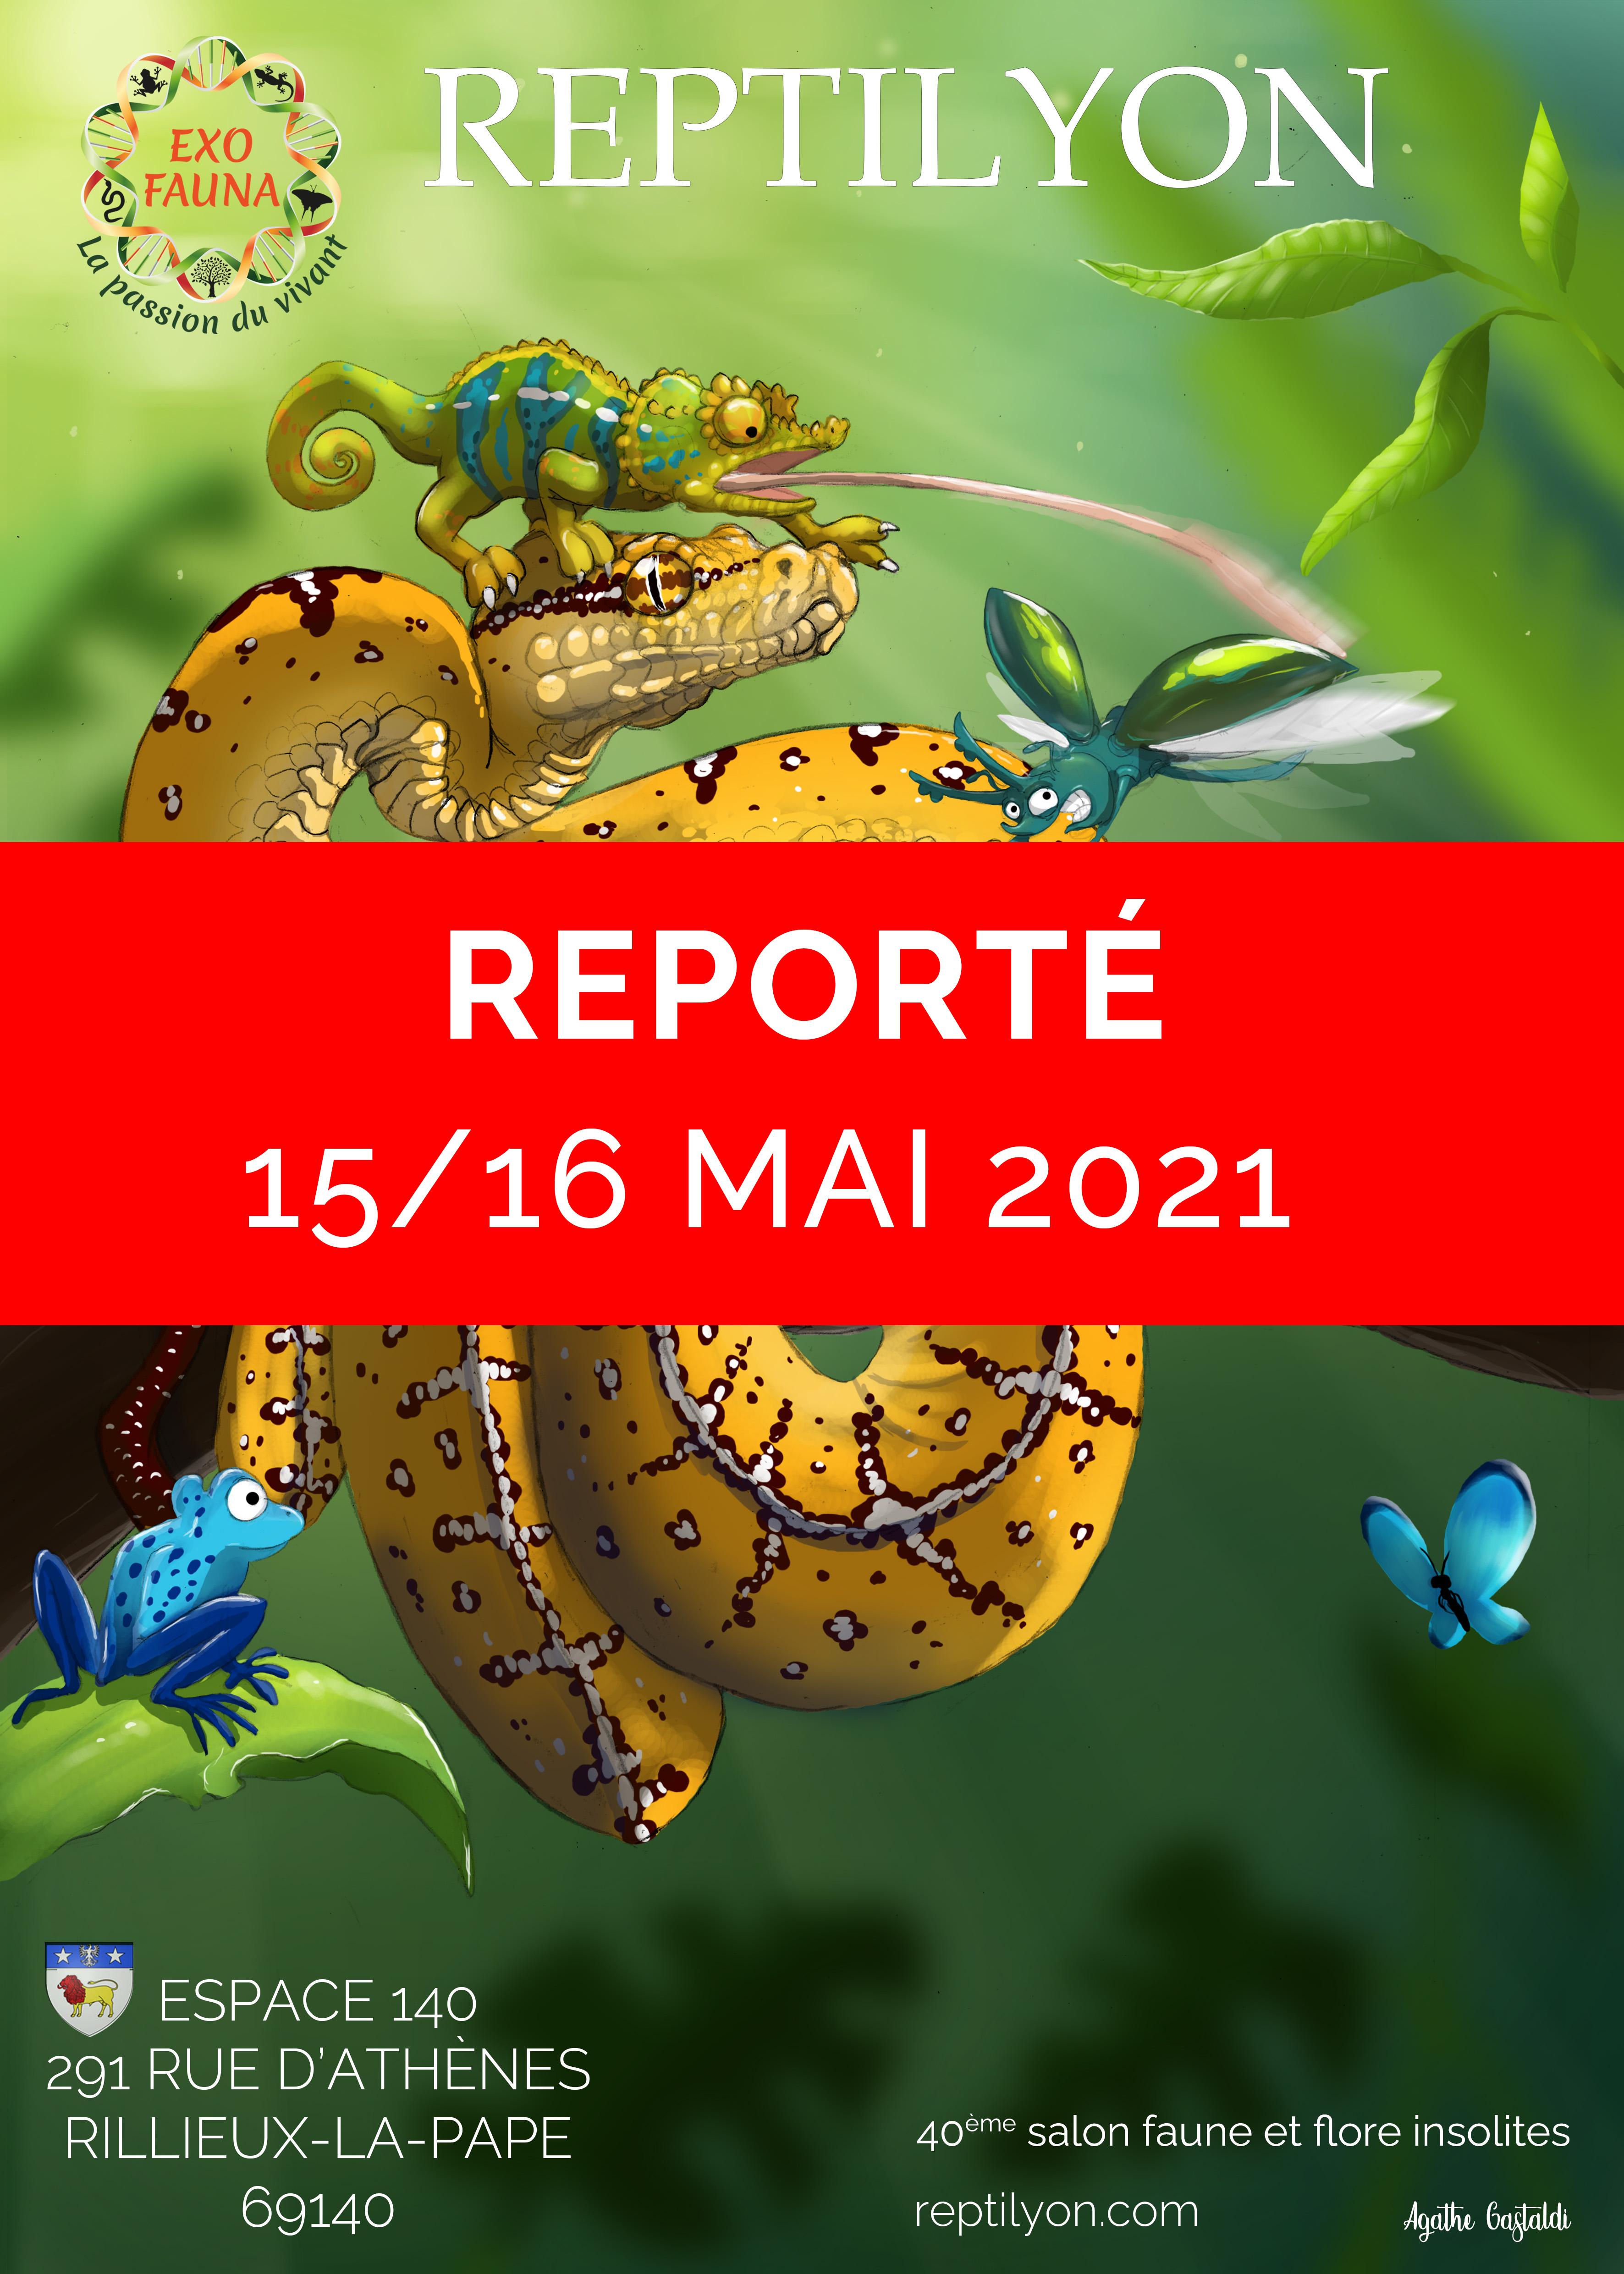 Reptilyon novembre 2020 reporté